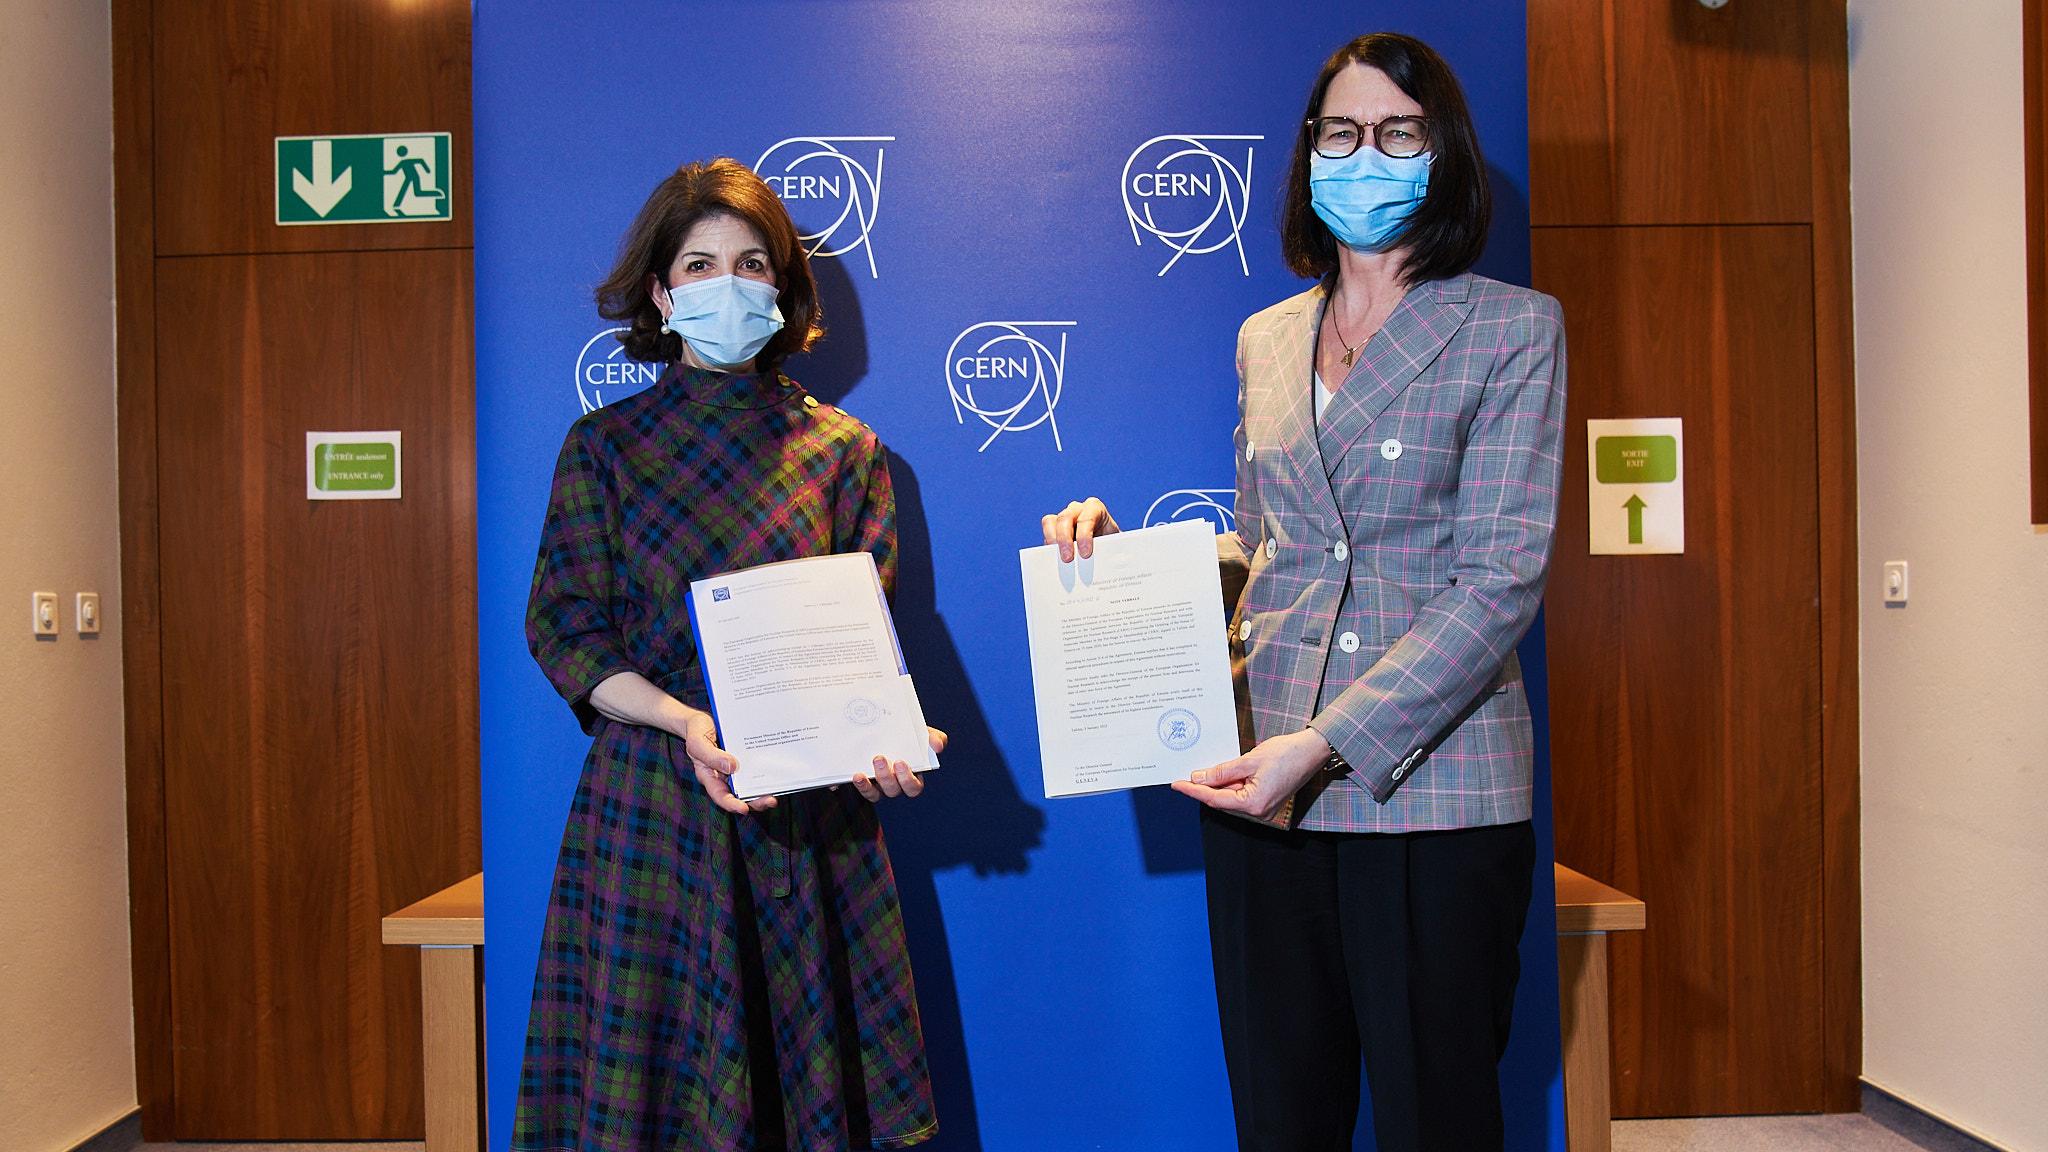 欧洲核子研究组织欢迎爱沙尼亚成为该组织准会员国